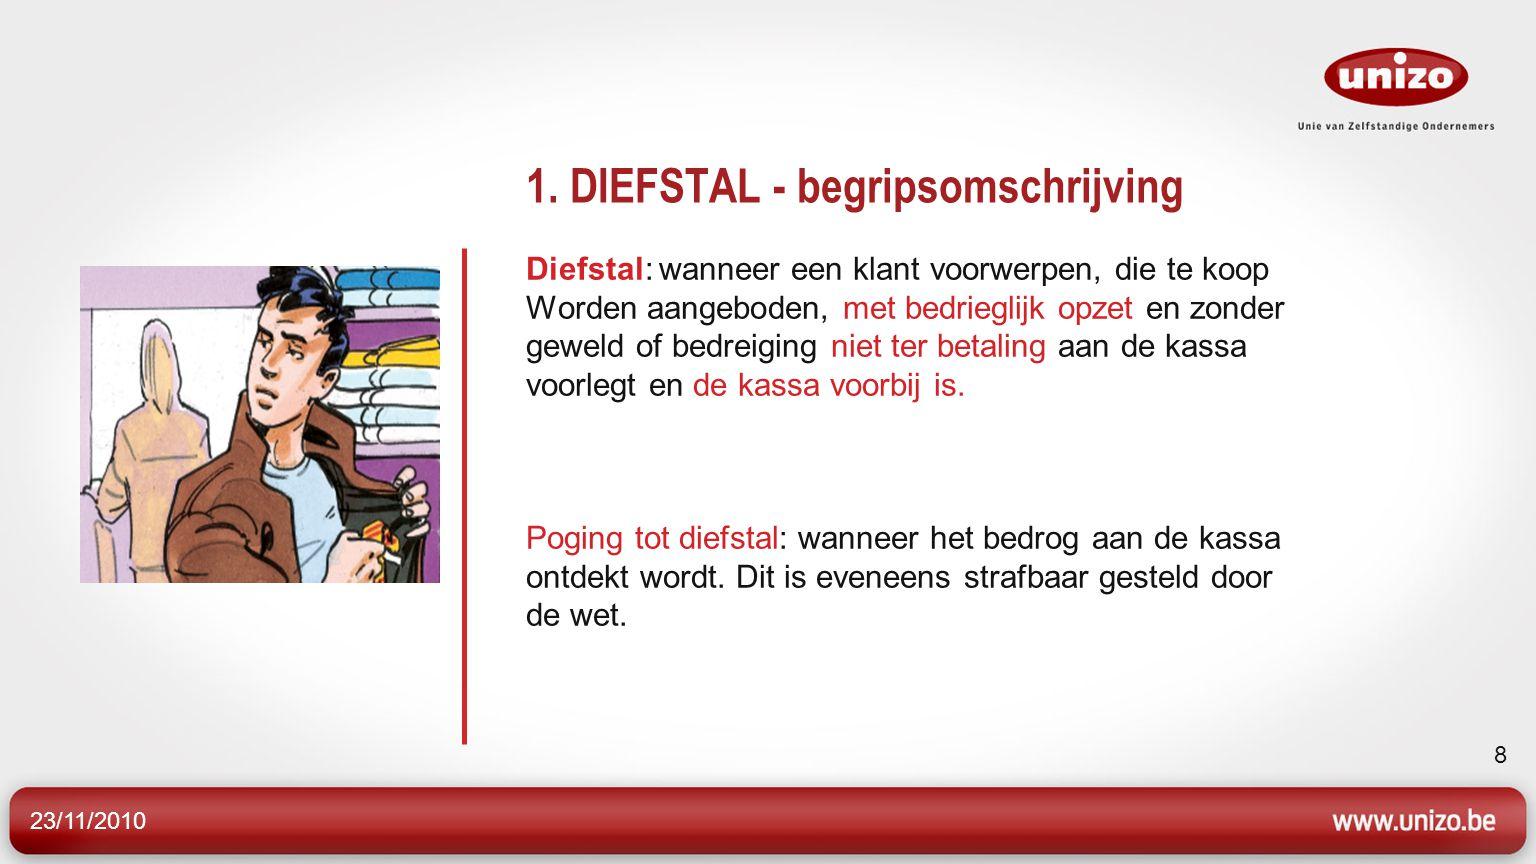 23/11/2010 8 1. DIEFSTAL - begripsomschrijving Diefstal: wanneer een klant voorwerpen, die te koop Worden aangeboden, met bedrieglijk opzet en zonder